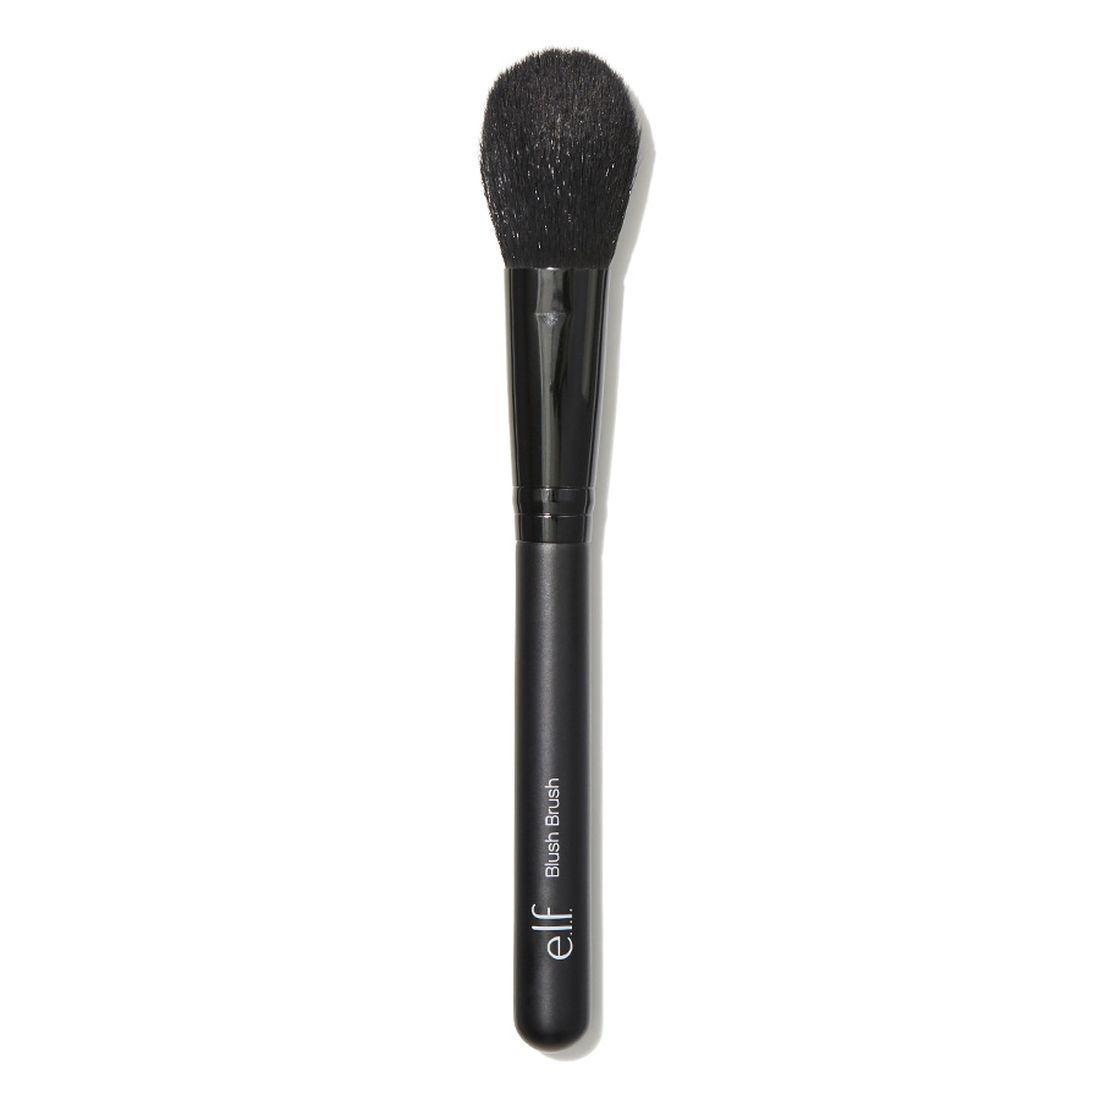 E.L.F – Blush Brush (Cọ má hồng)